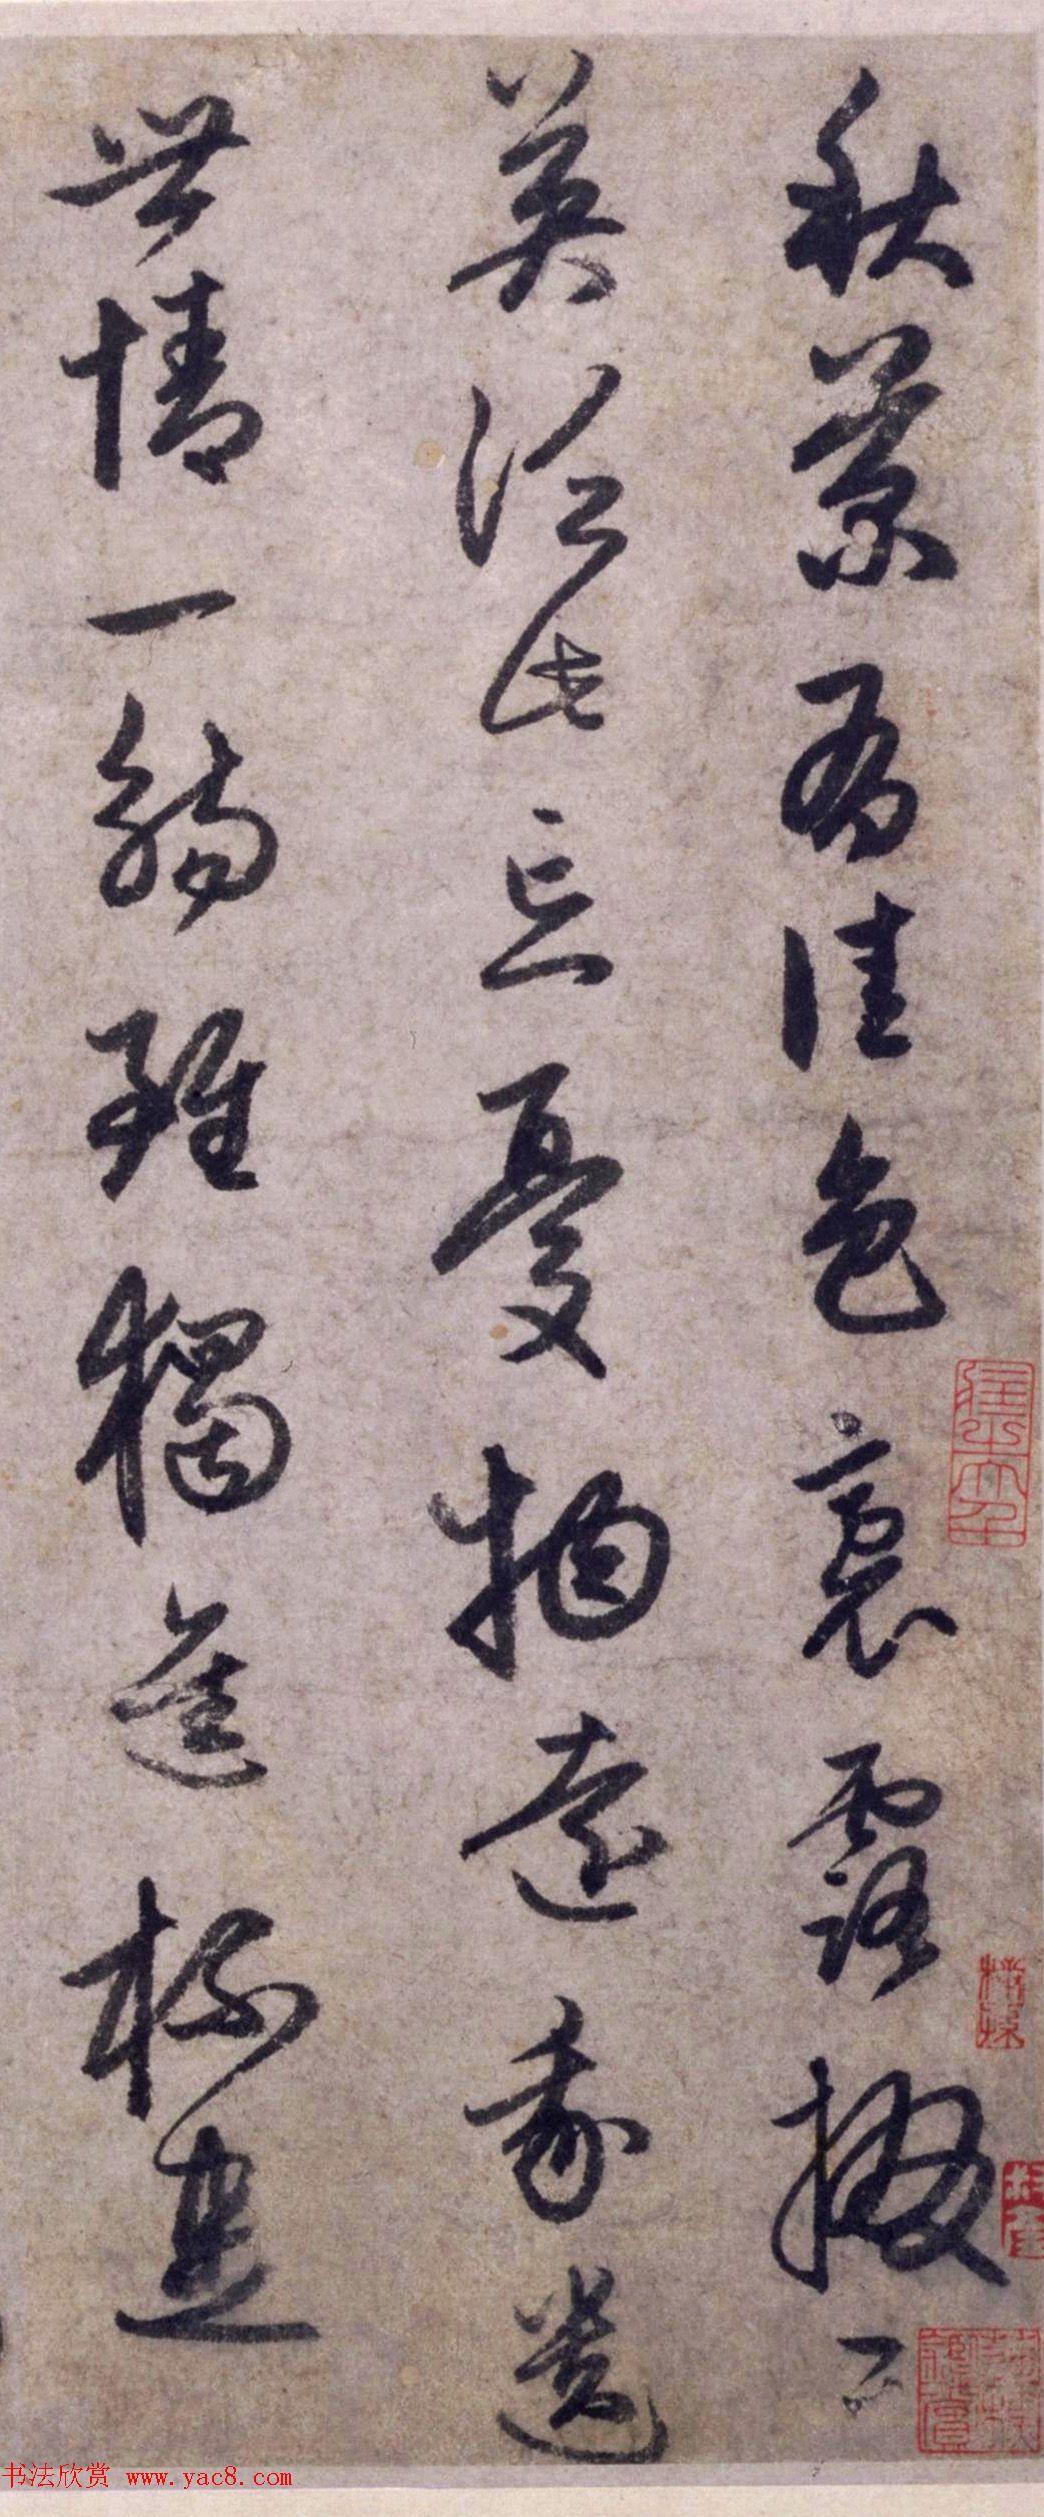 赵孟頫行草书法欣赏《陶渊明五言诗页》